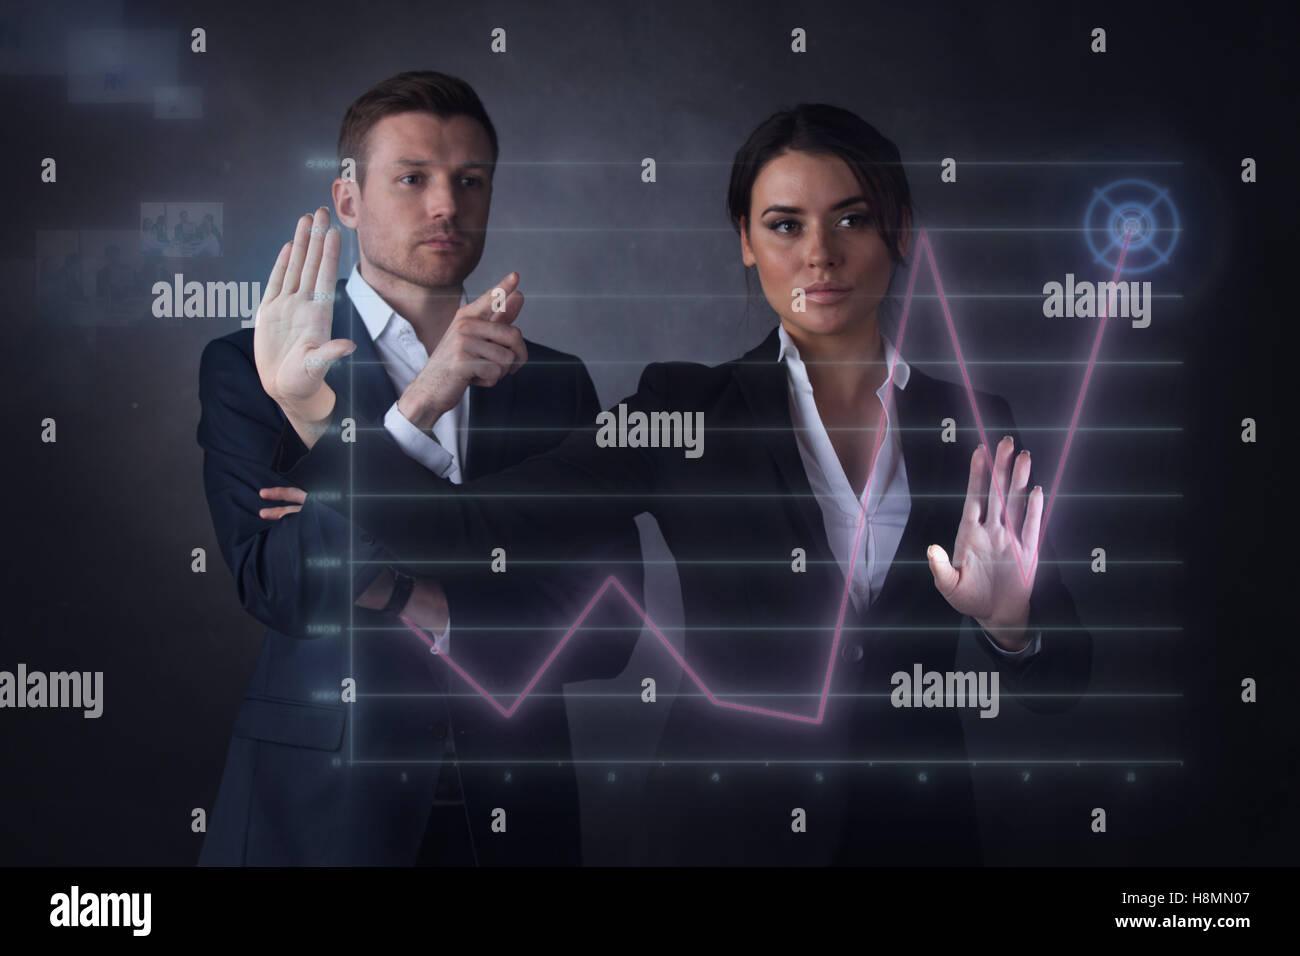 Geschäftsleute, die ein Diagramm anzeigt Wachstum auf dem virtuellen Display zu berühren Stockbild